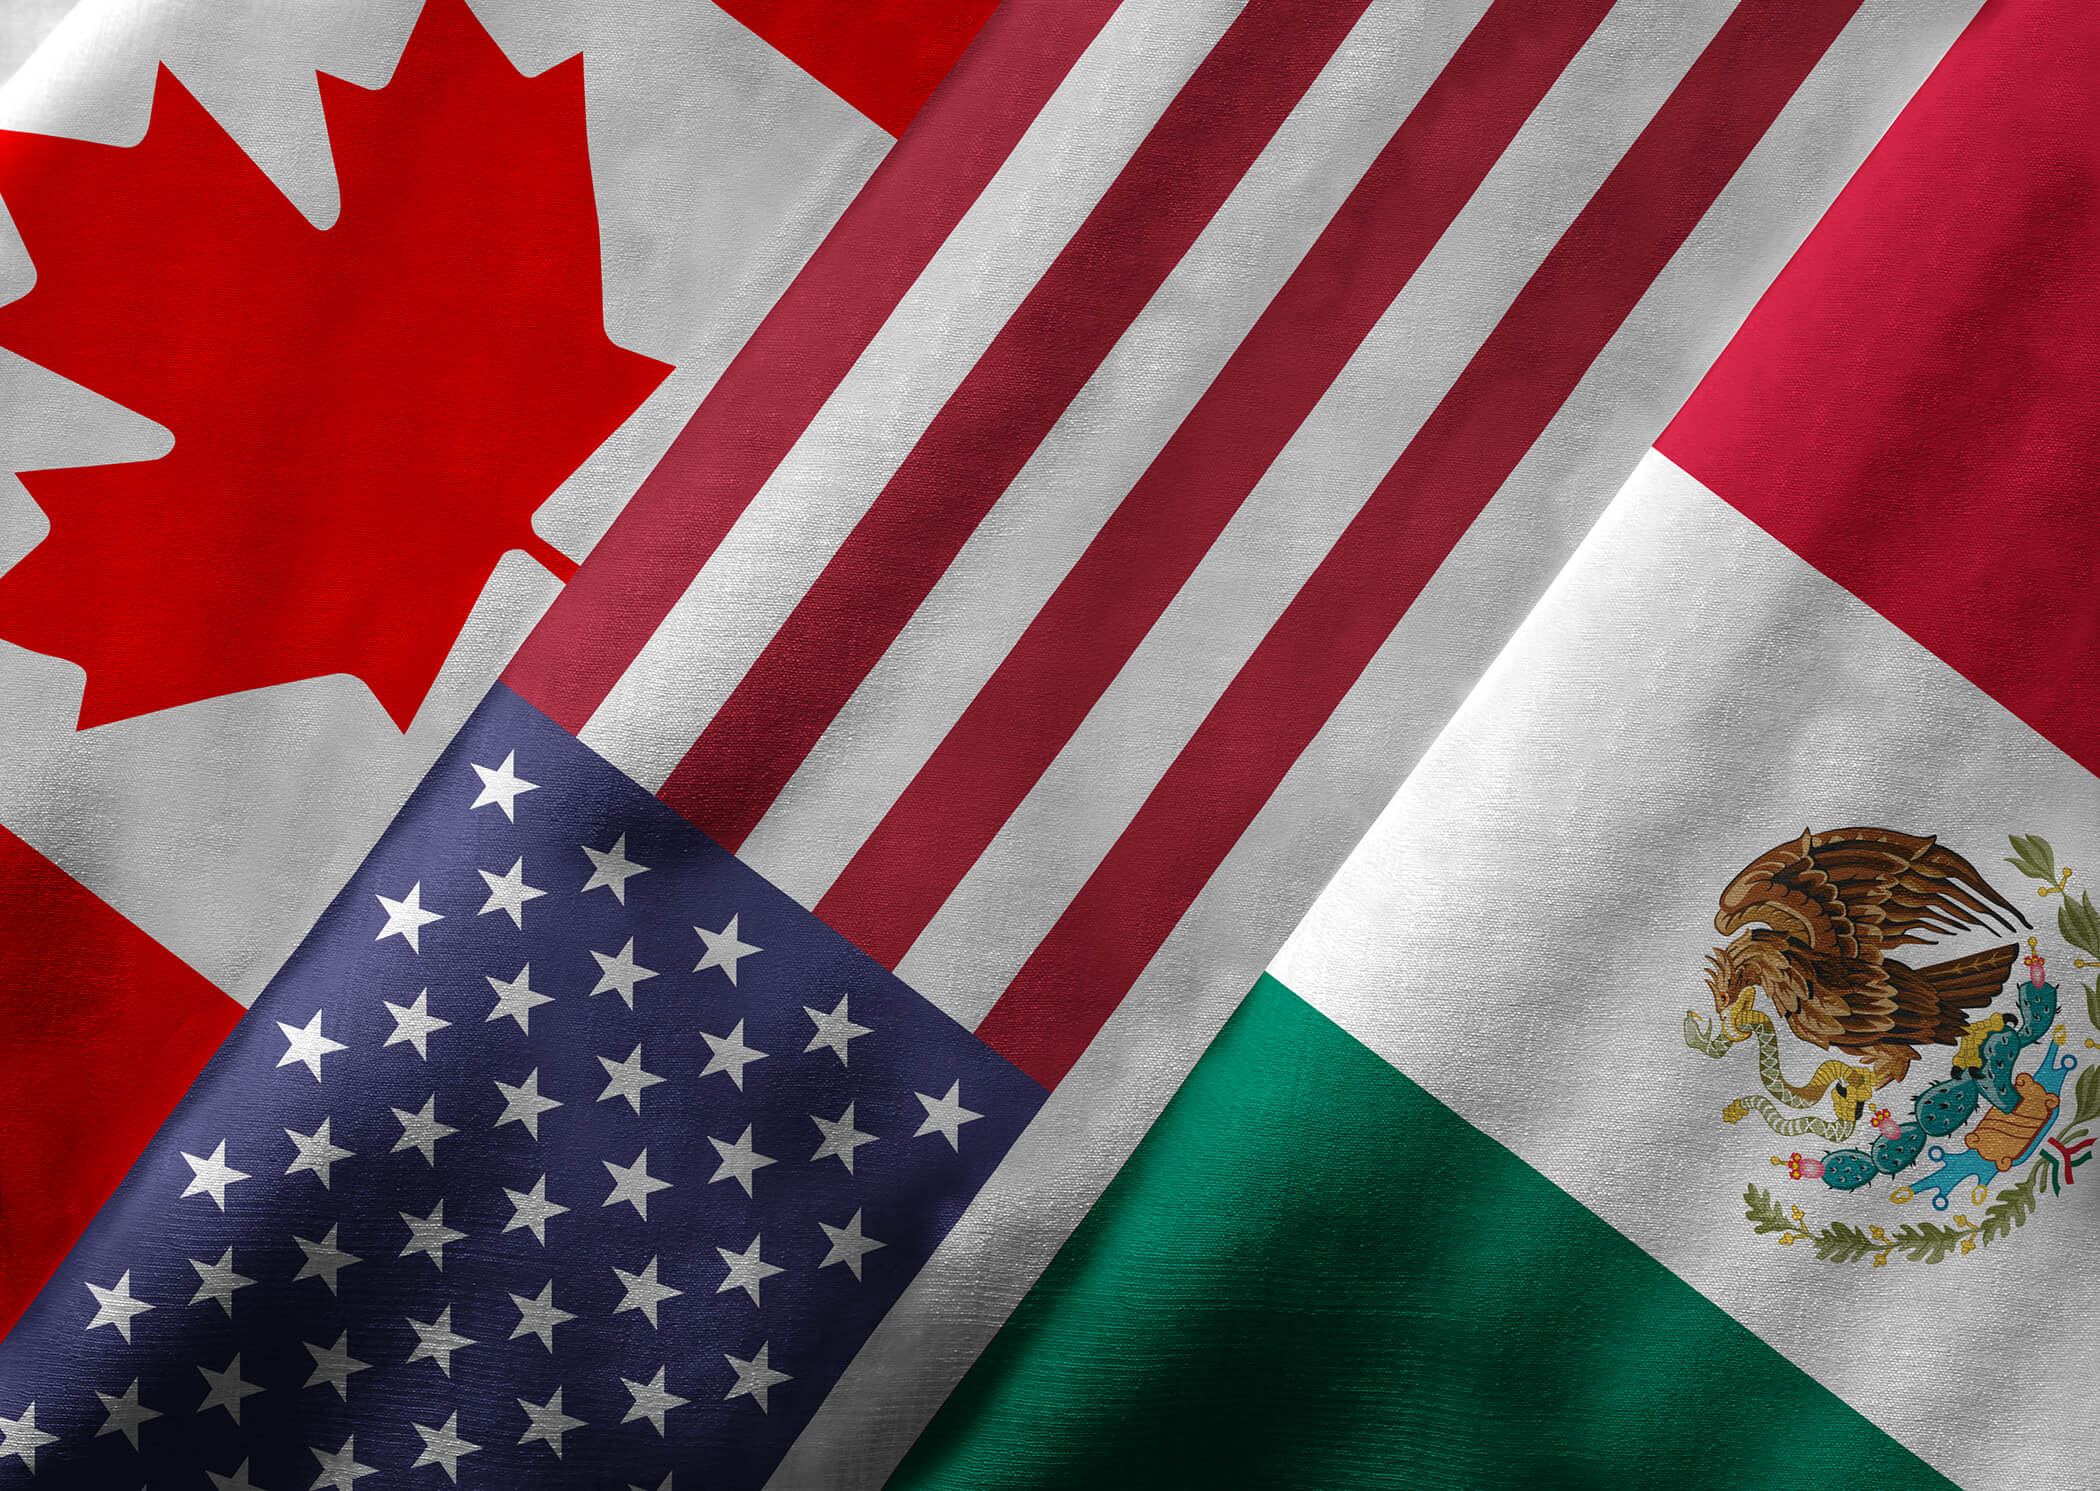 عودة المحادثات التجارية بين الولايات المتحدة وكندا